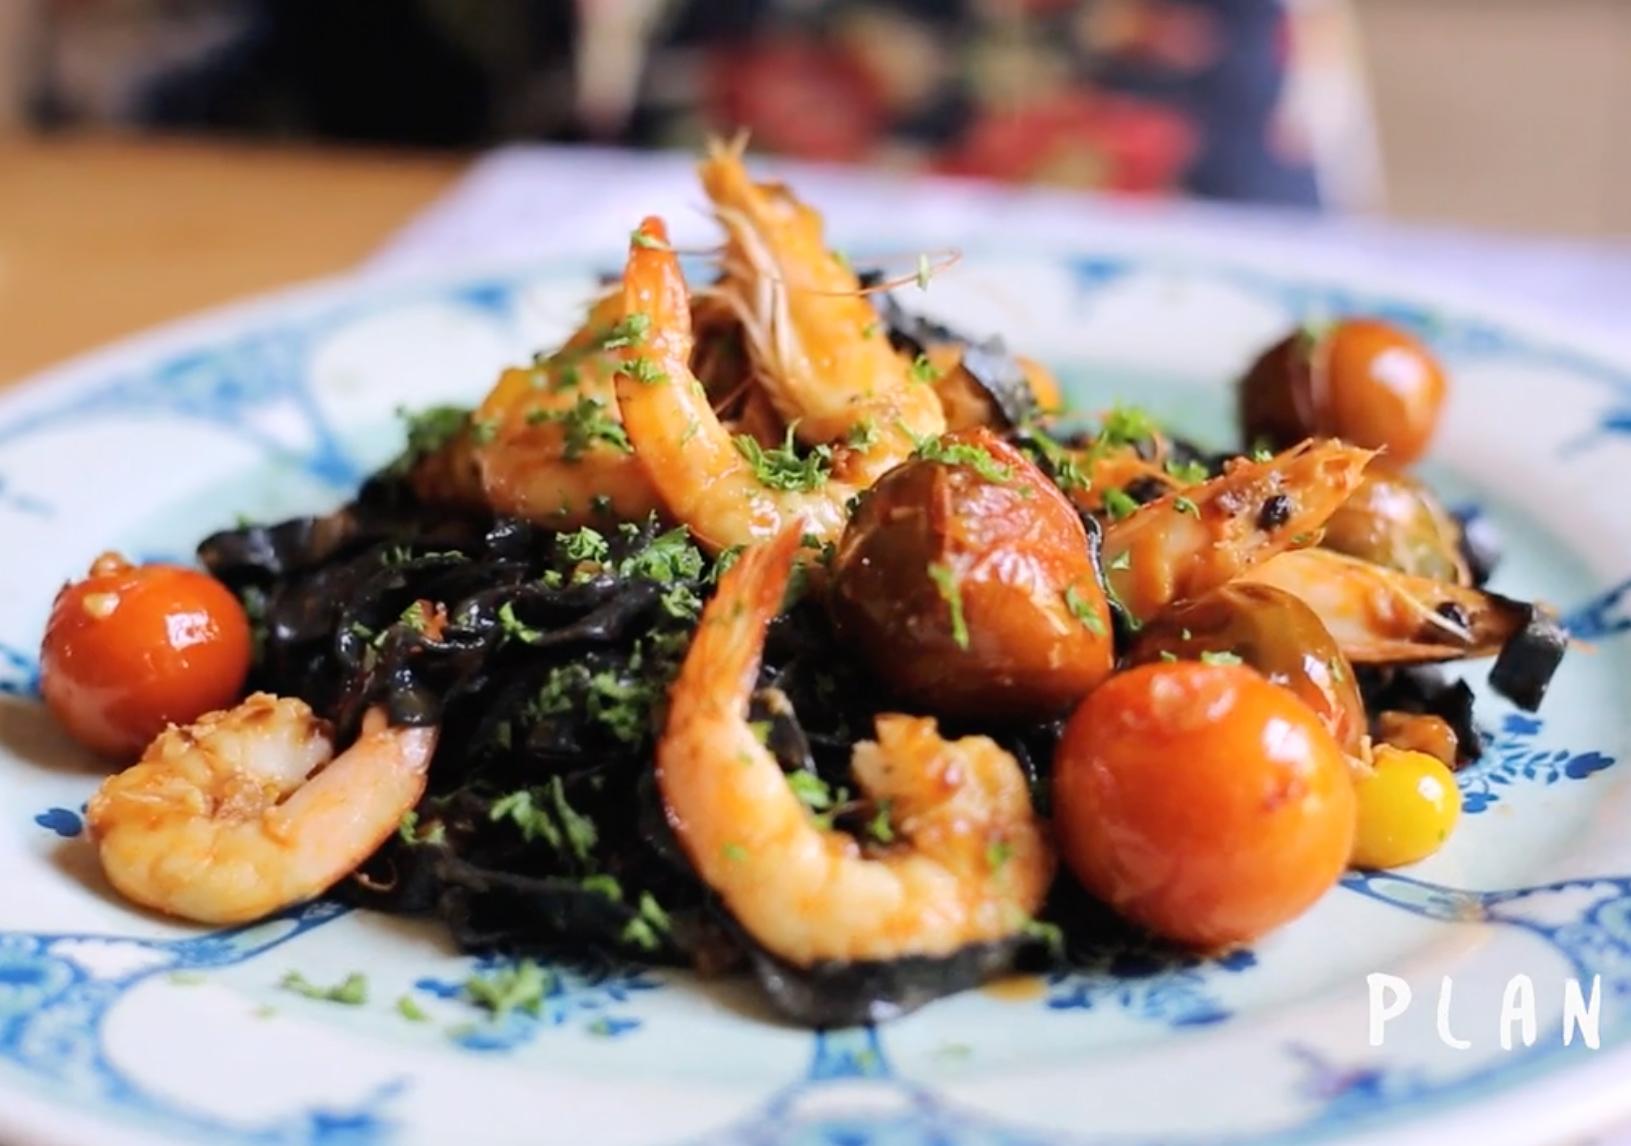 Pasta fresca con tinta de calamar y camarones al ajillo